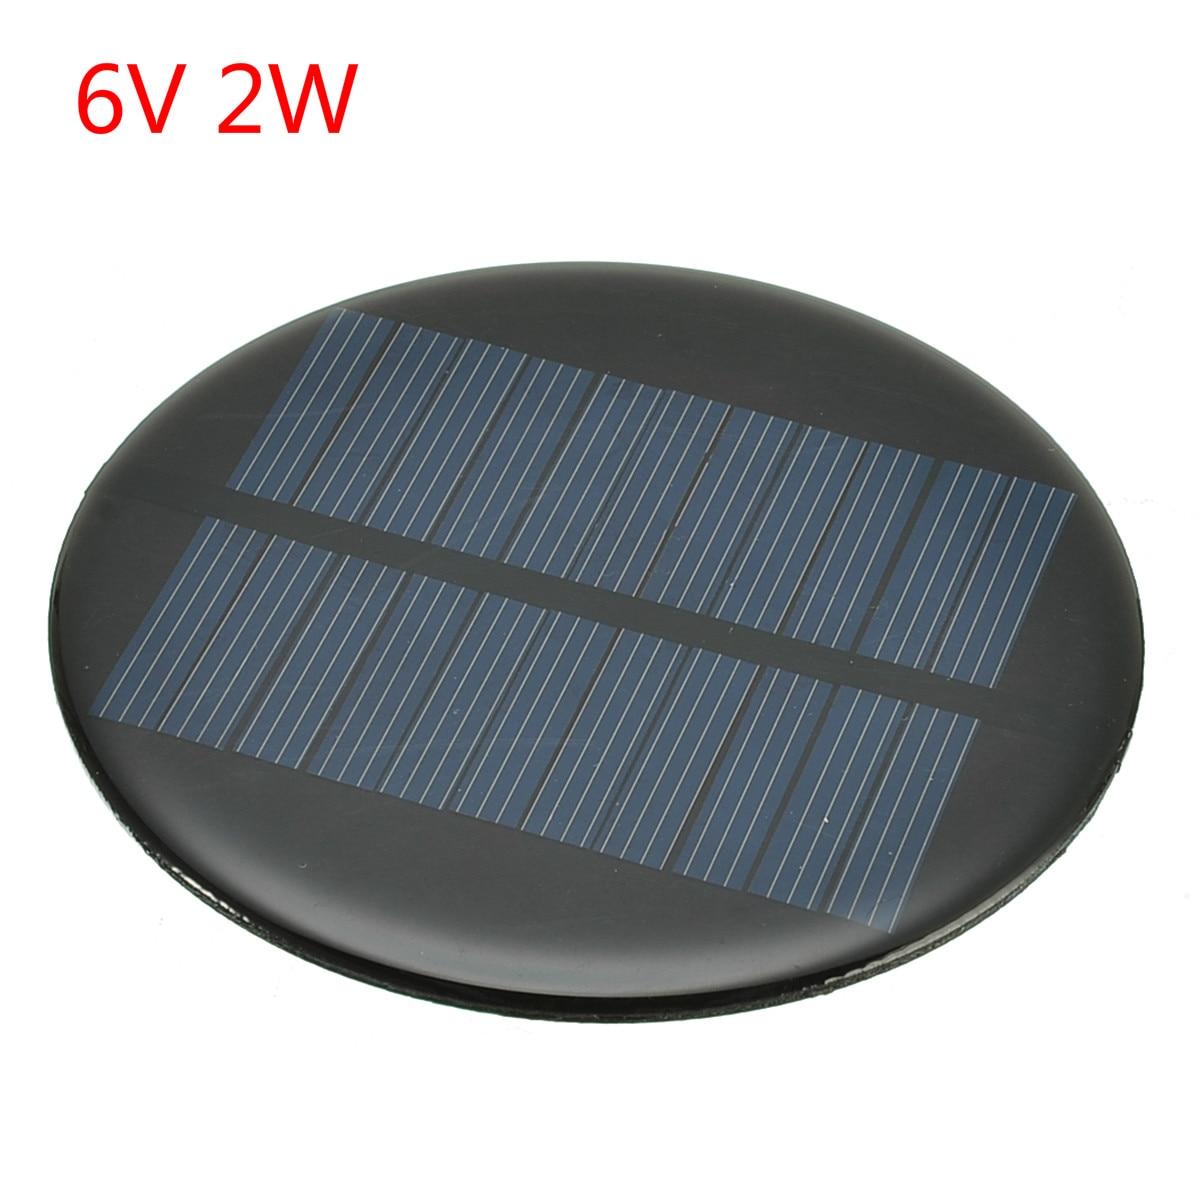 6V 2W 0.35A Solar Power 80MM DIY Mini Polycrystalline Silicon Solar Cell Module Circle Round Solar Panel Epoxy Board